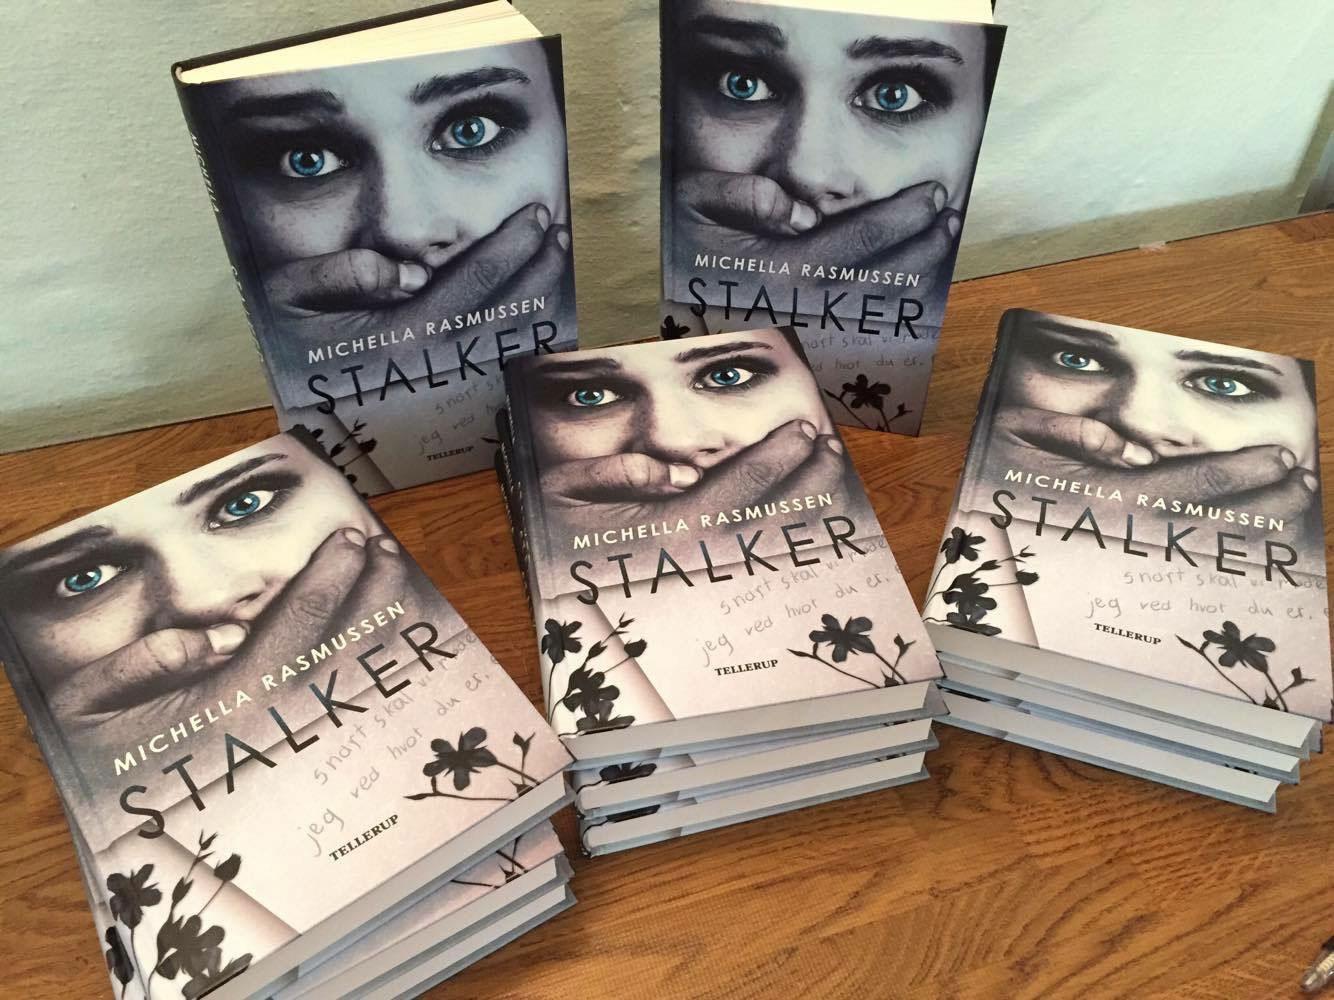 Stalker-bøger